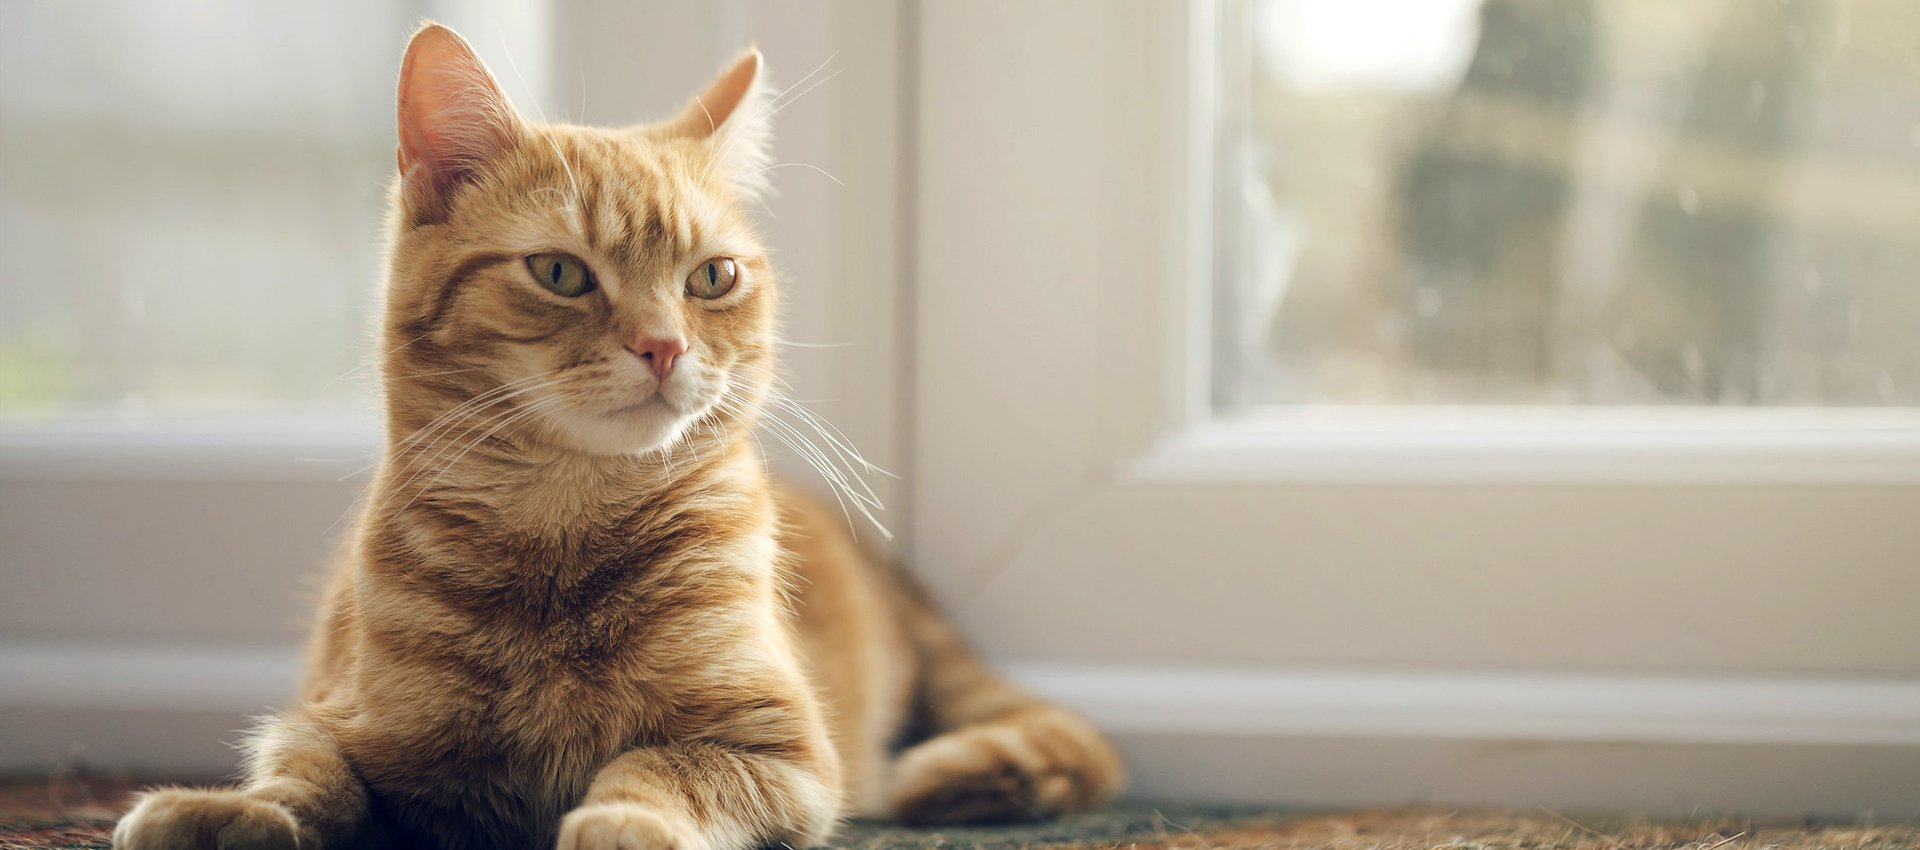 a sitting cat